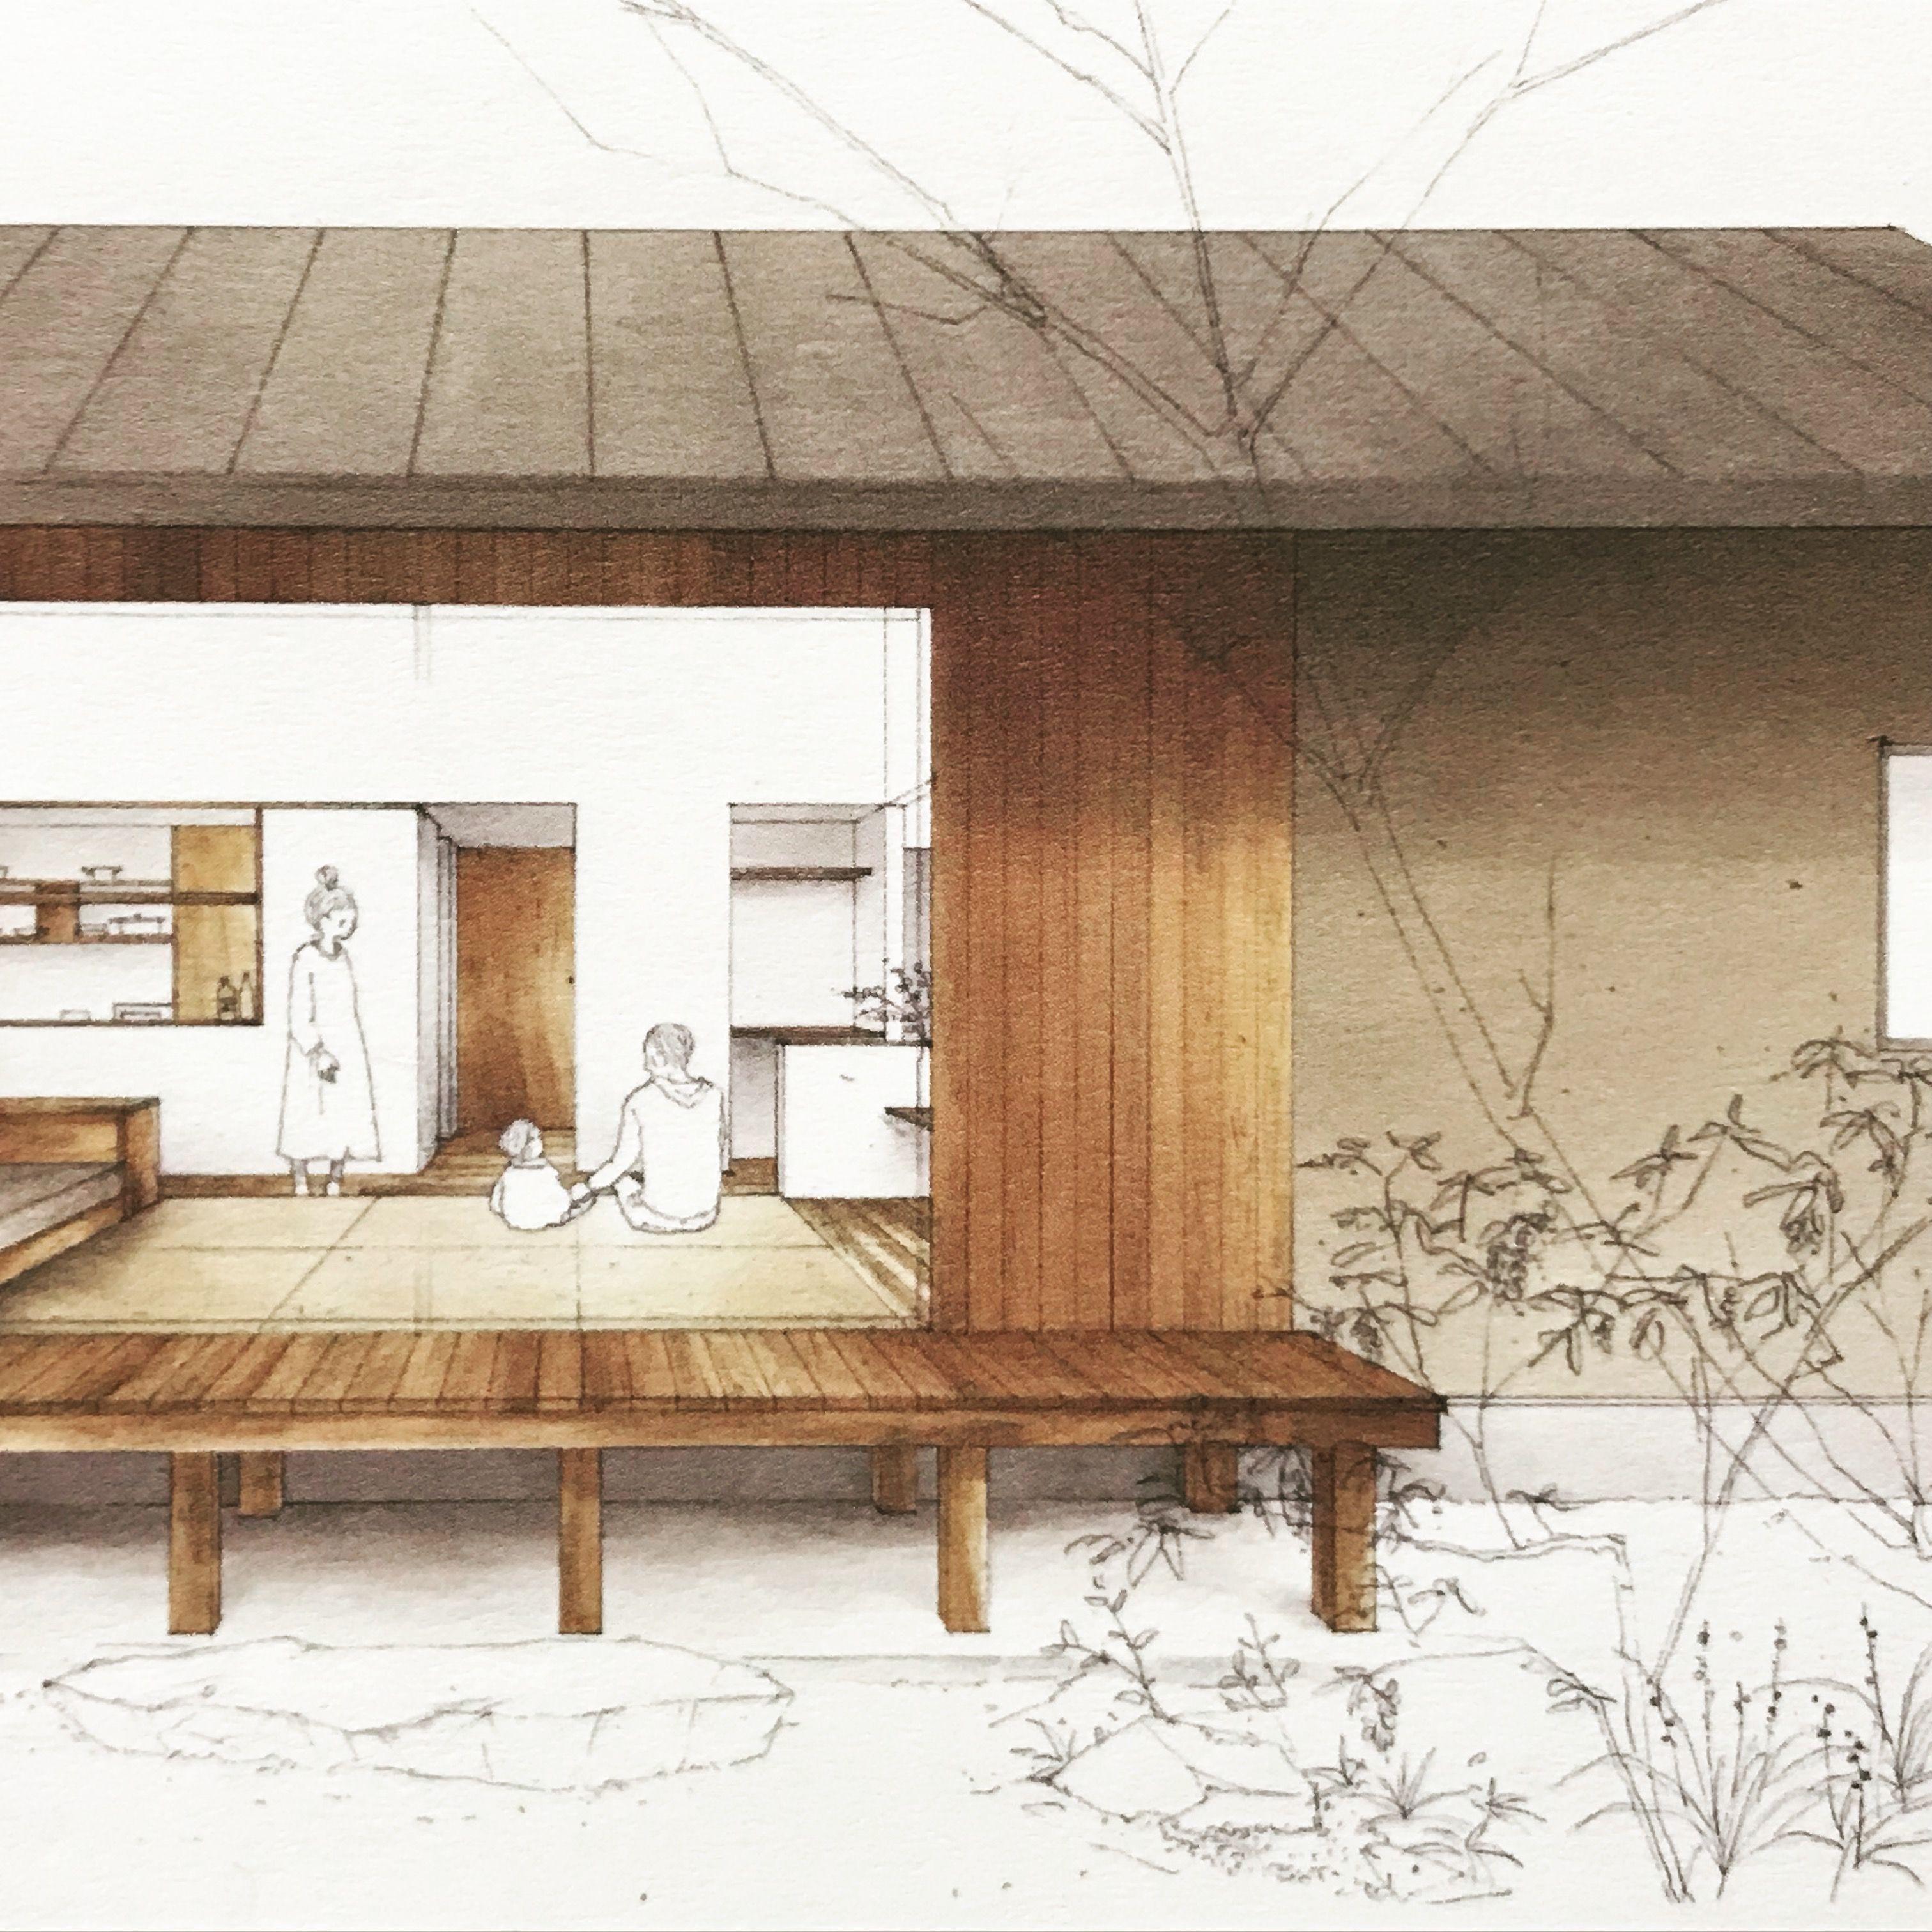 切妻屋根をもつおおらかな佇まいの平家が完成しました 畳リビングに